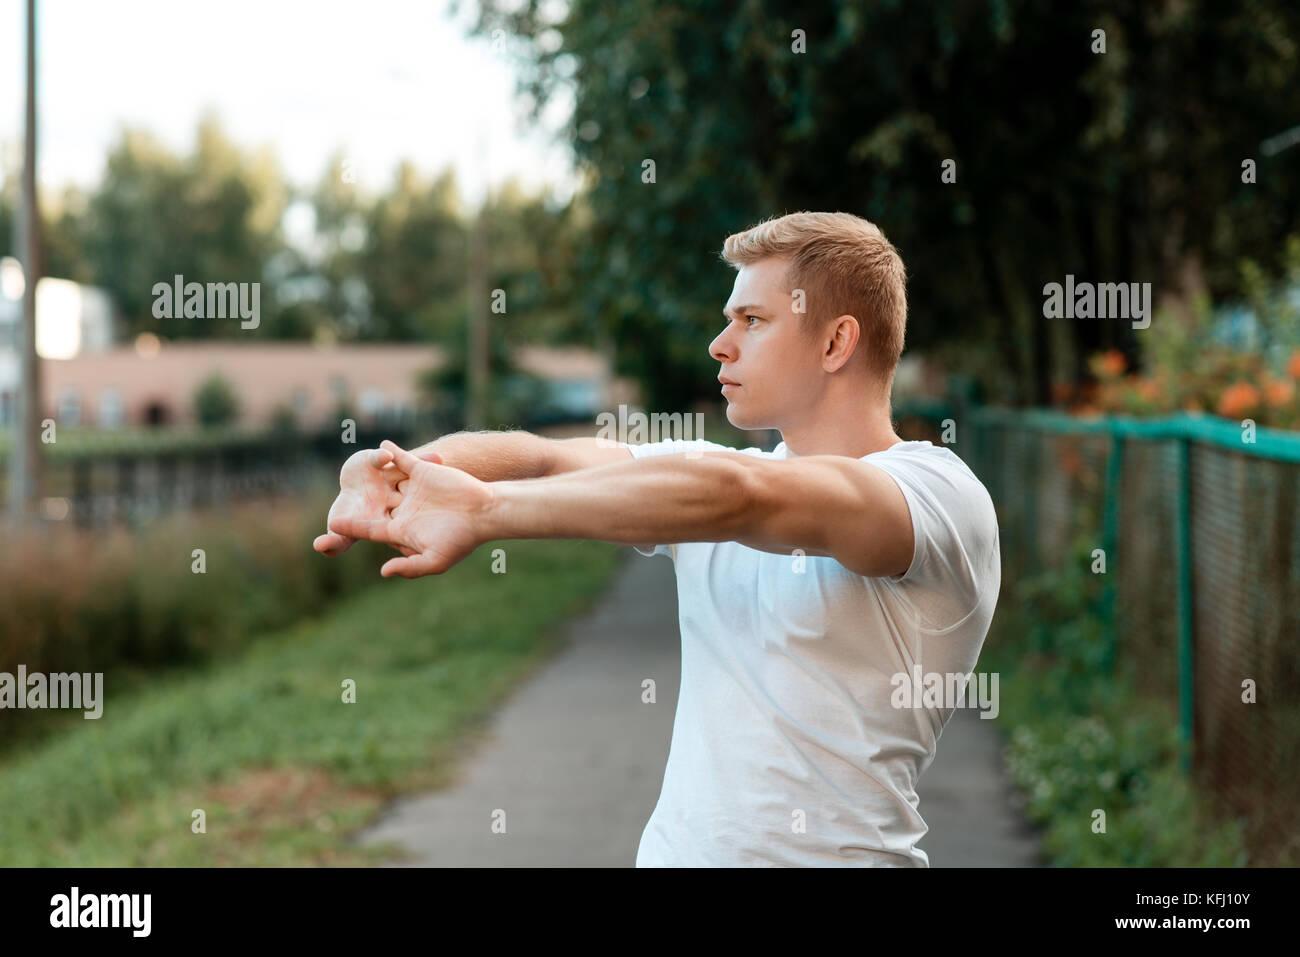 Athlète masculin préchauffage en nature, rue de la ville, l'échauffement des muscles des mains. Photo Stock